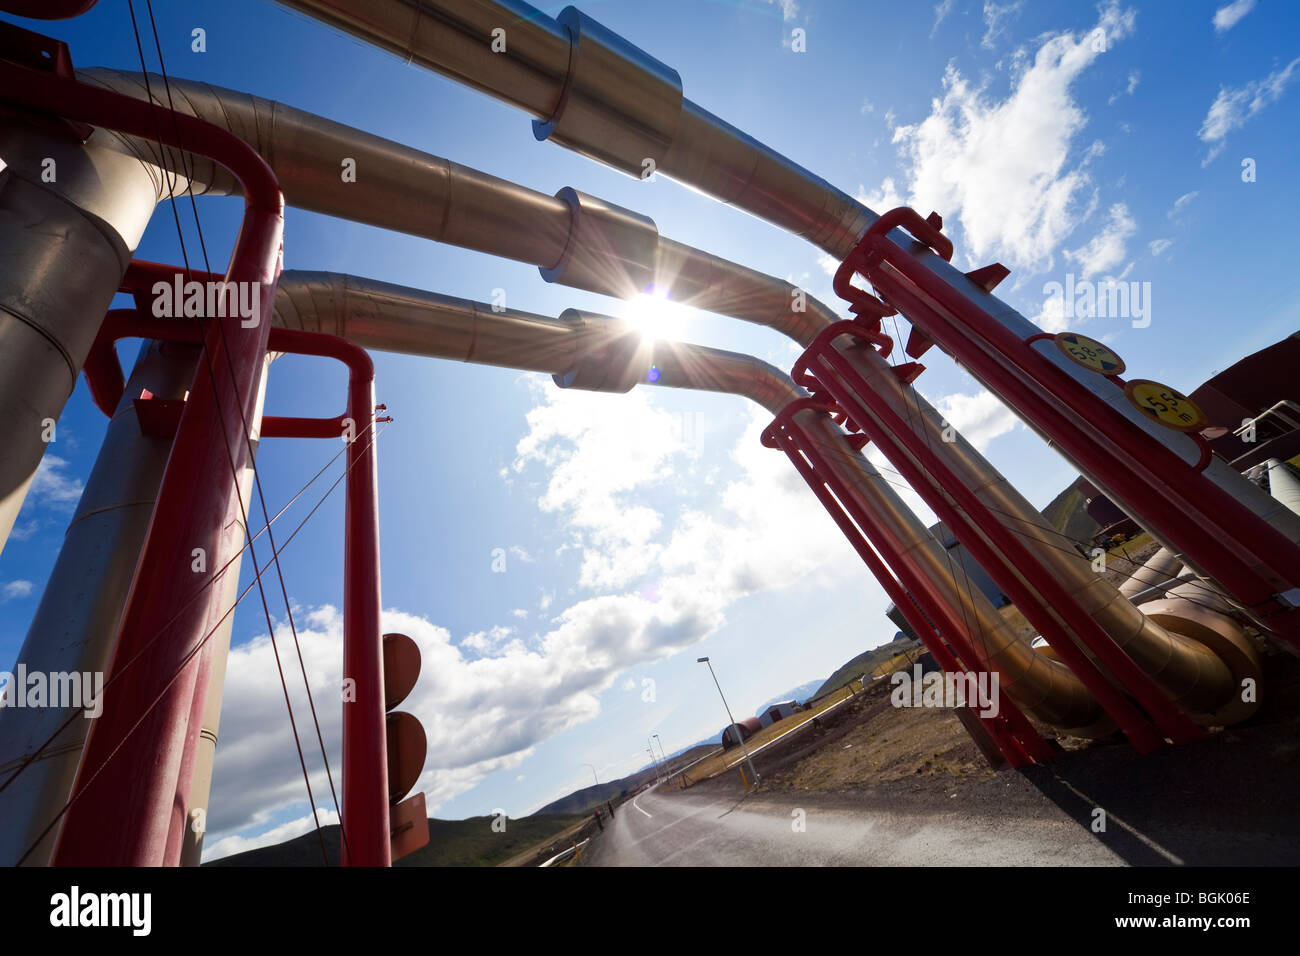 Tuyaux industriels et des pipelines et détournés sur une route pour permettre le trafic de passer en dessous. Photo Stock